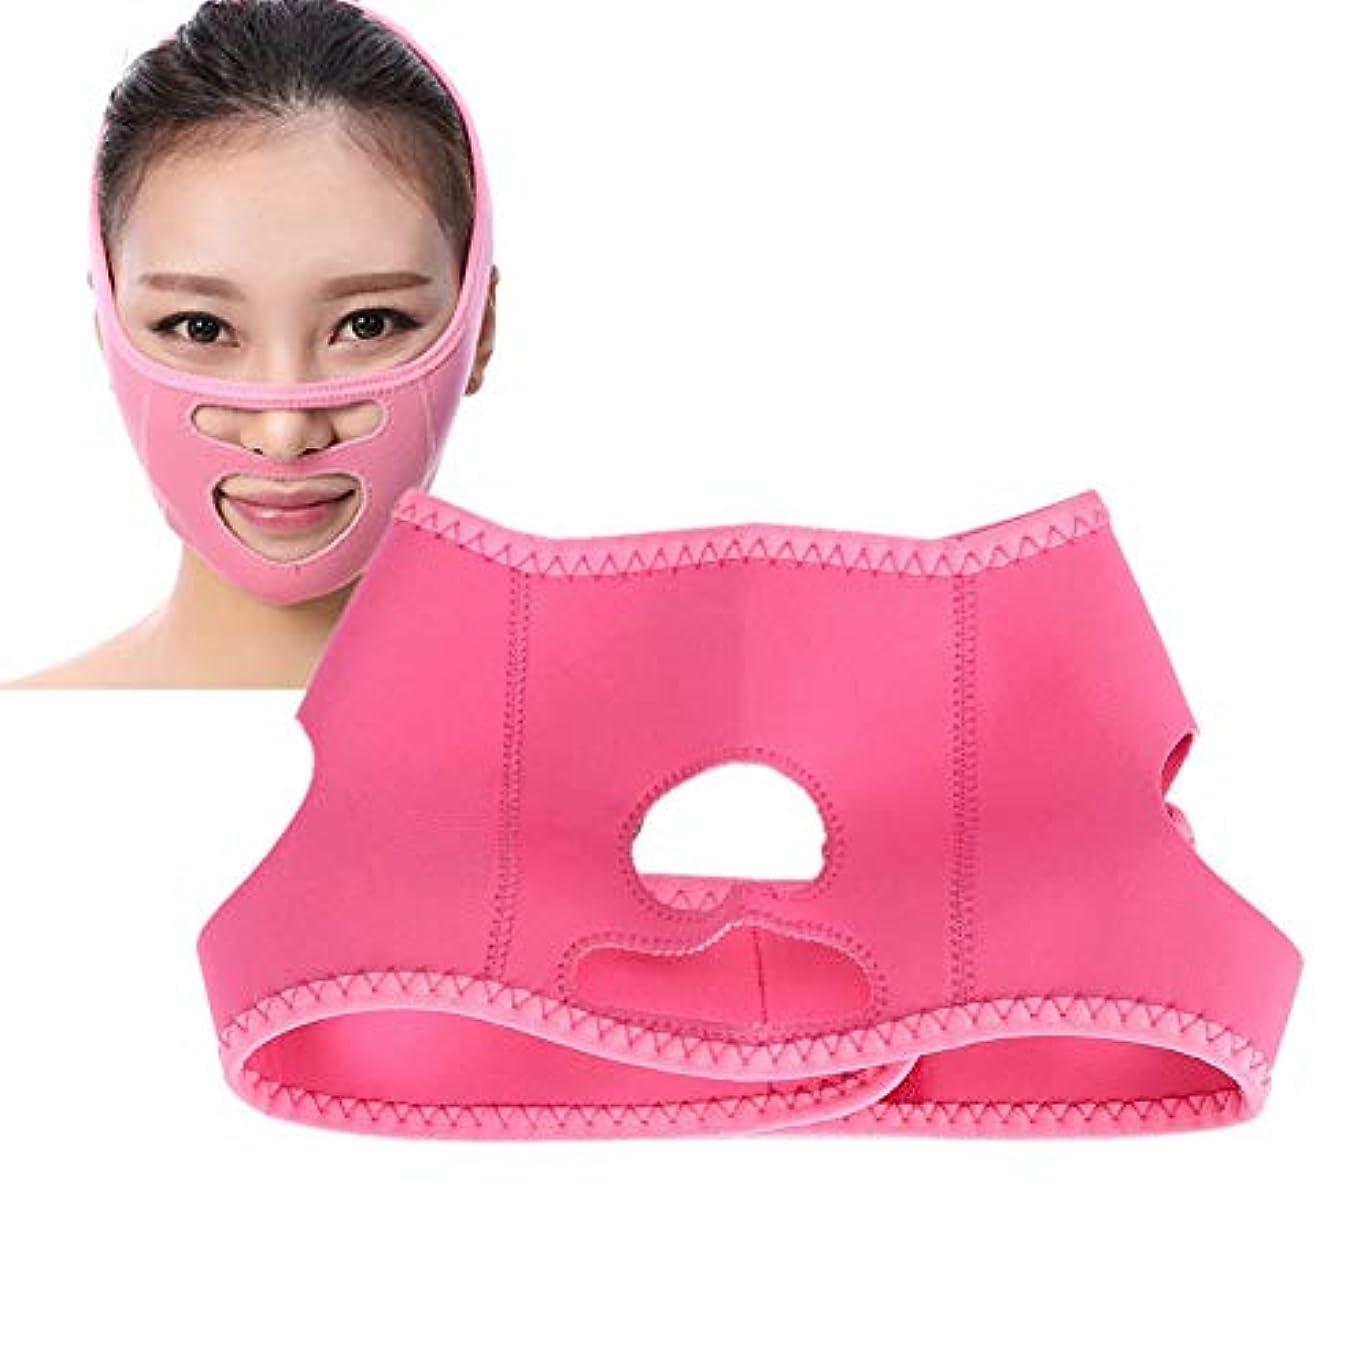 彼女自身彼女自身アベニューフェイスマスク 低反発素材 通気 小顔 矯正 顔痩せ 筋肉弛緩 二重あご 補正ベルト